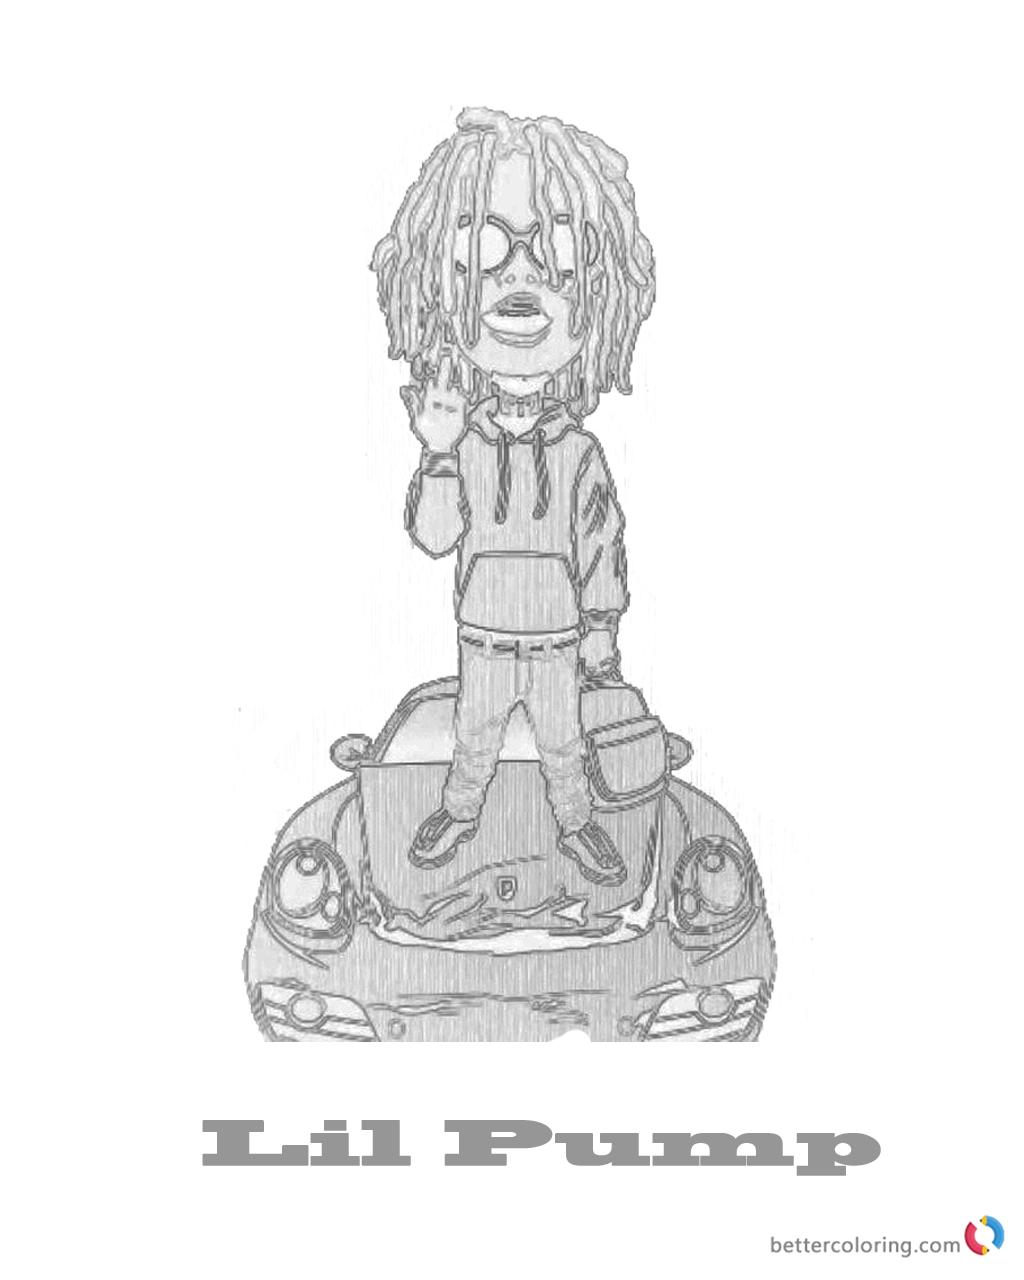 lil pump coloring pages | Lil Pump Coloring Pages Hand Drawing - Free Printable ...